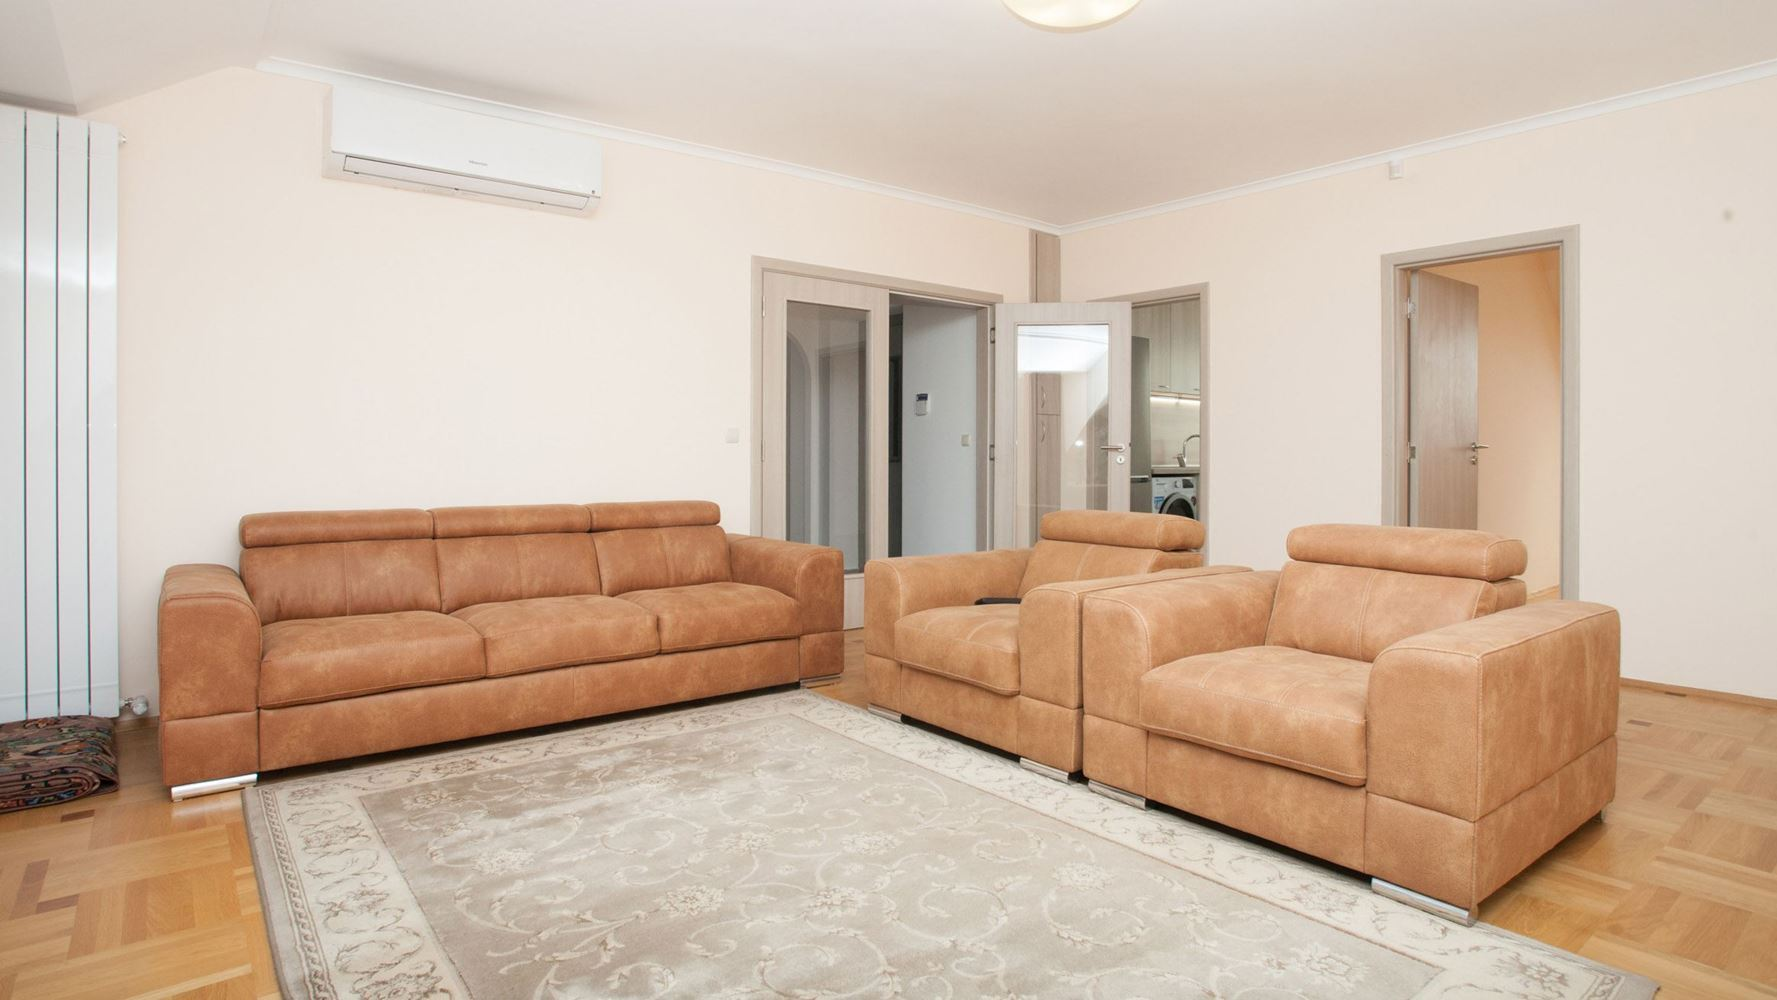 3-bedroom Apartment for Rent, Iztok